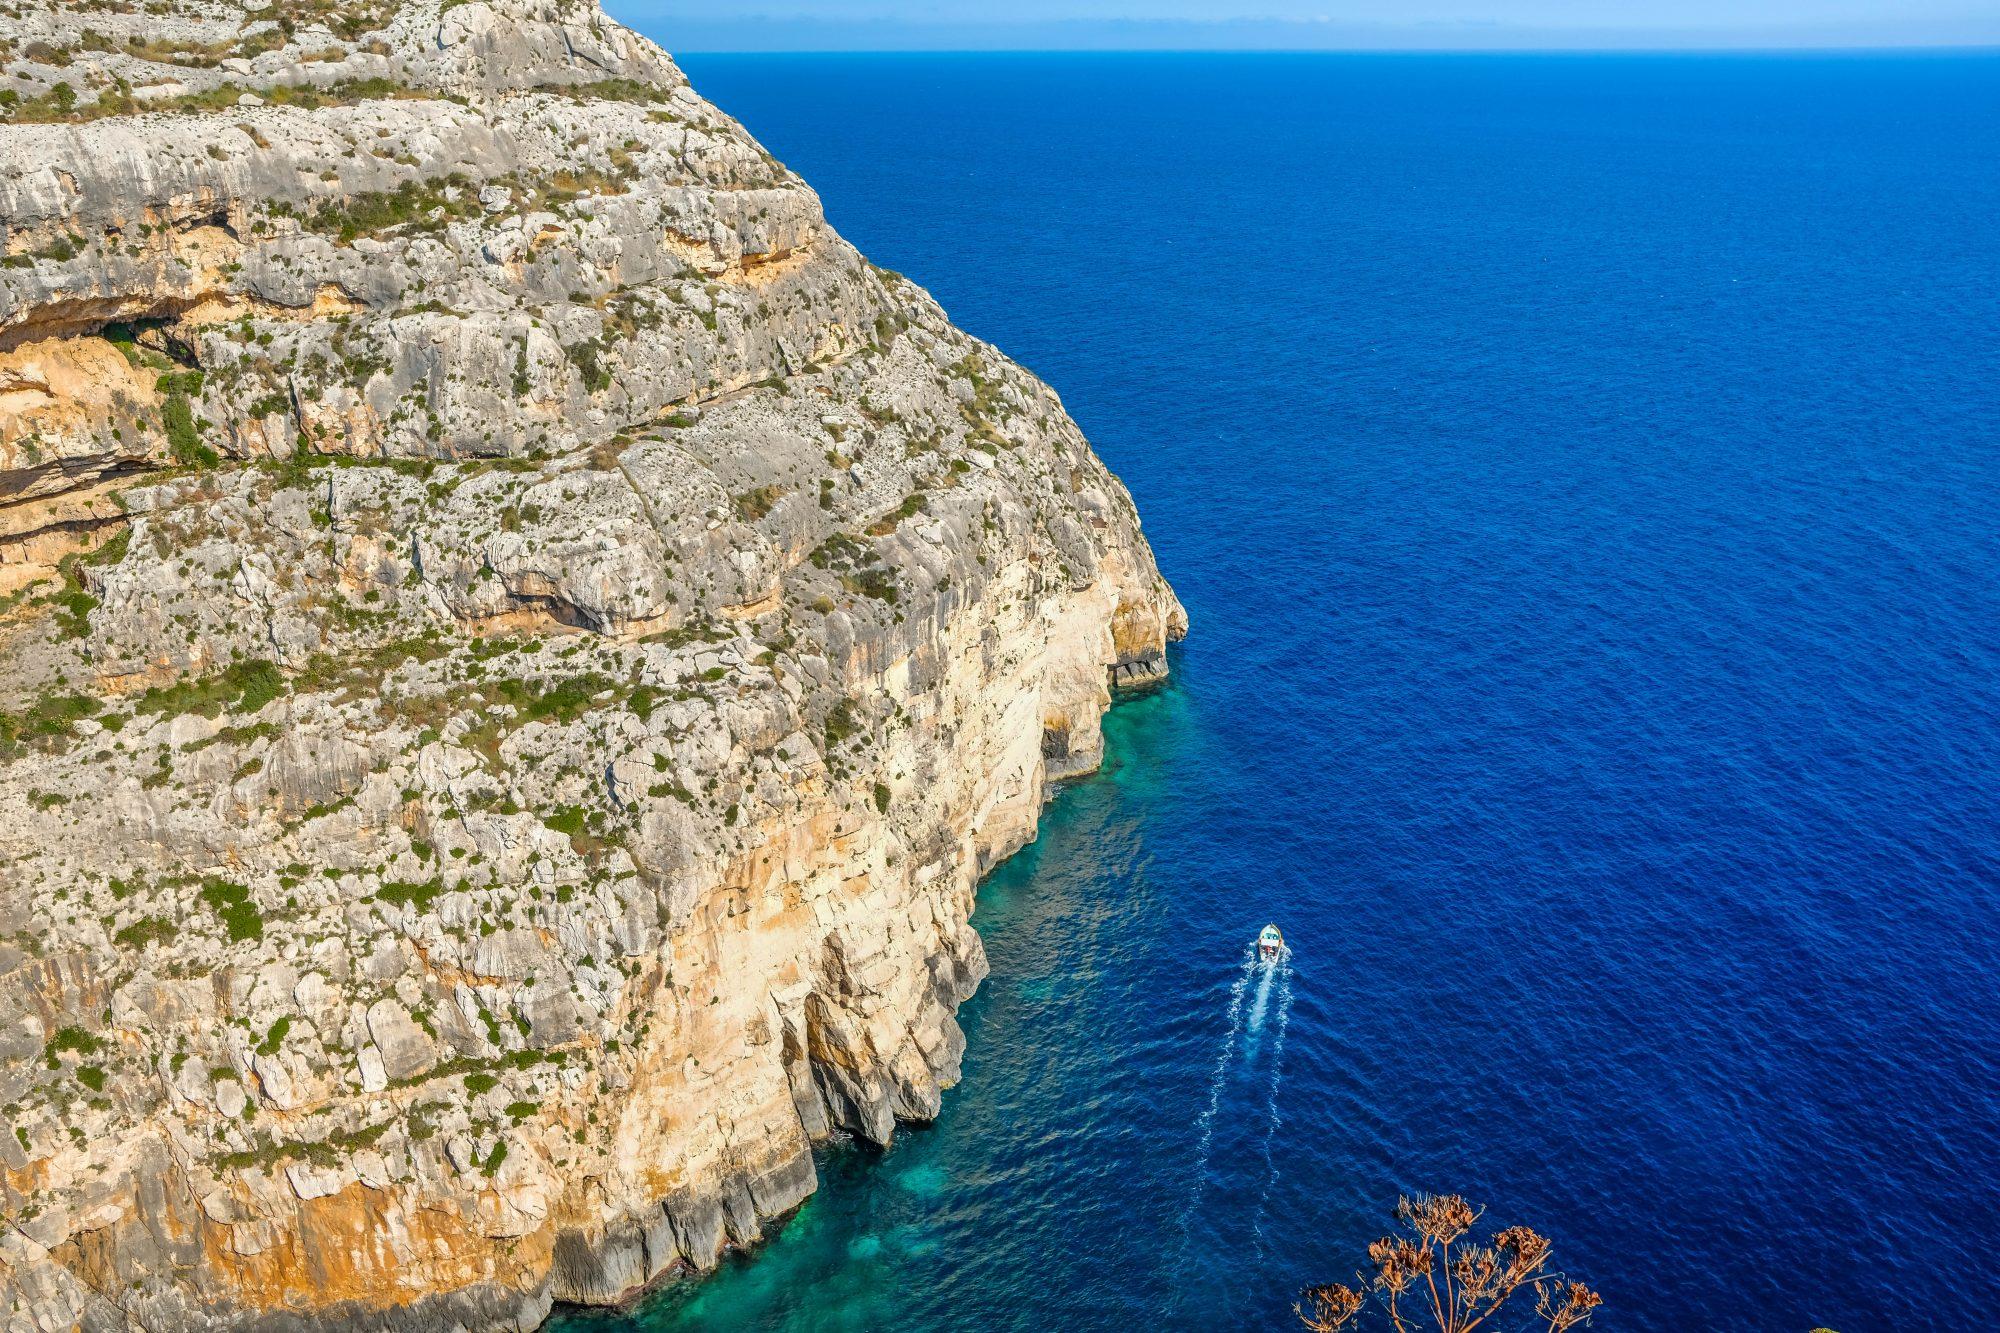 Vue depuis le point panoramique- Il-Qrendi, Malte